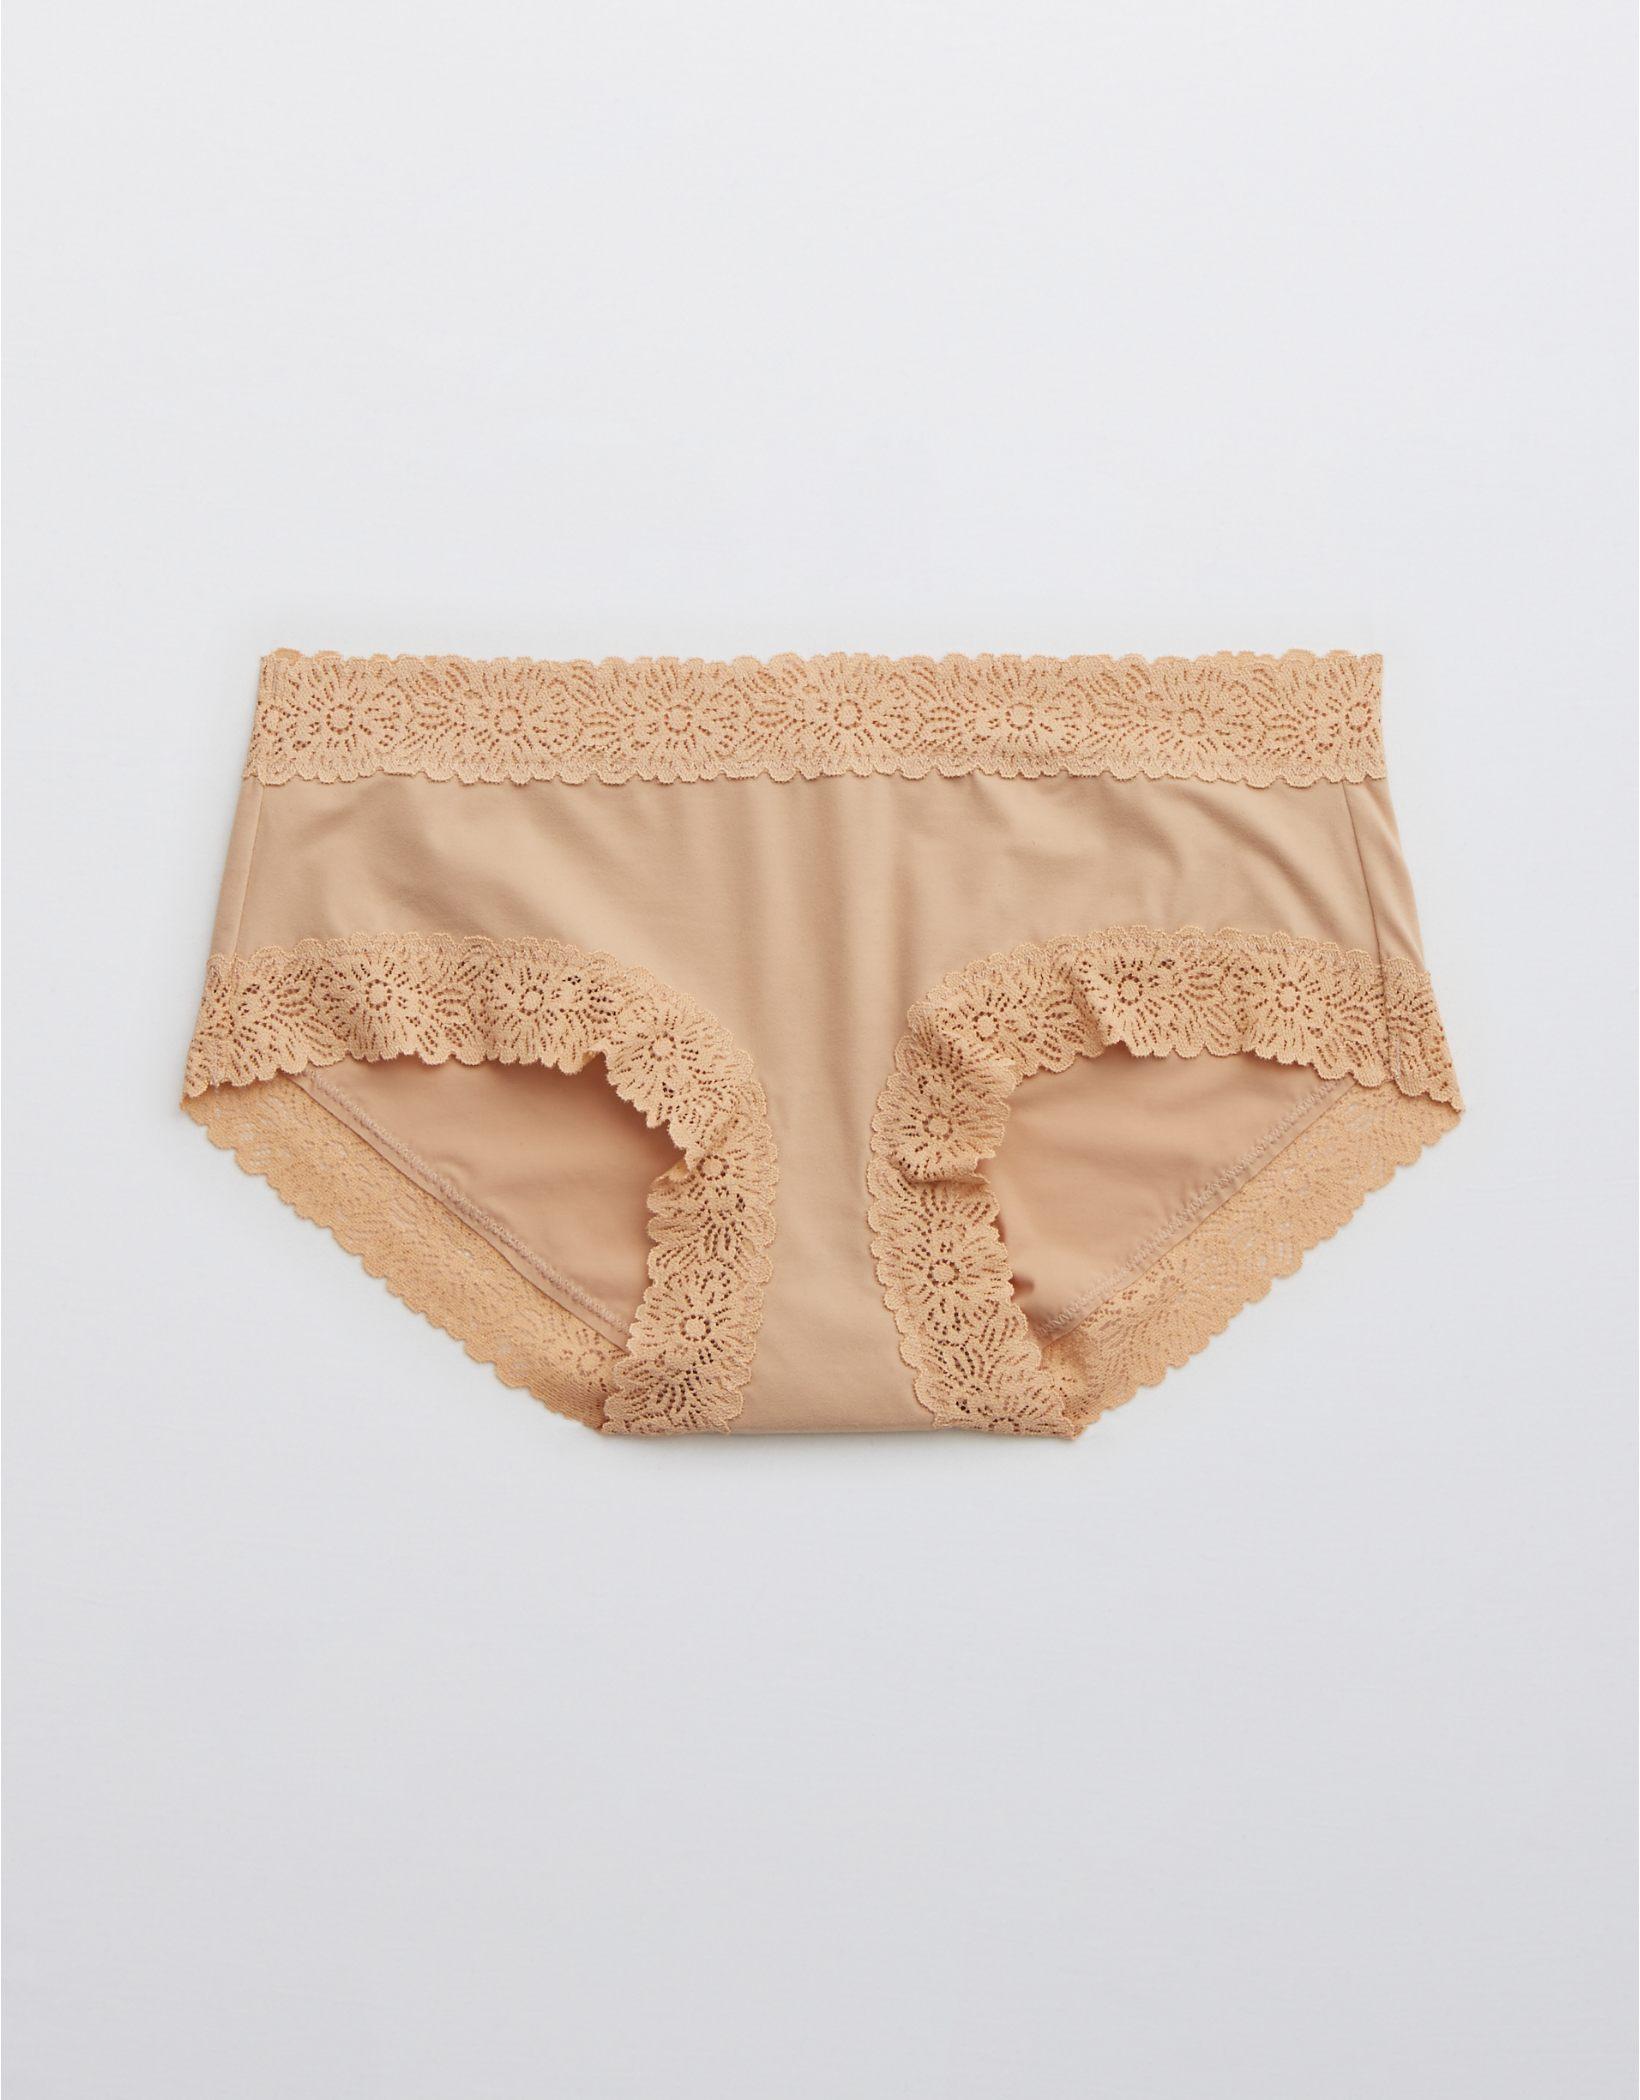 Aerie Sunnie Blossom Lace Boybrief Underwear